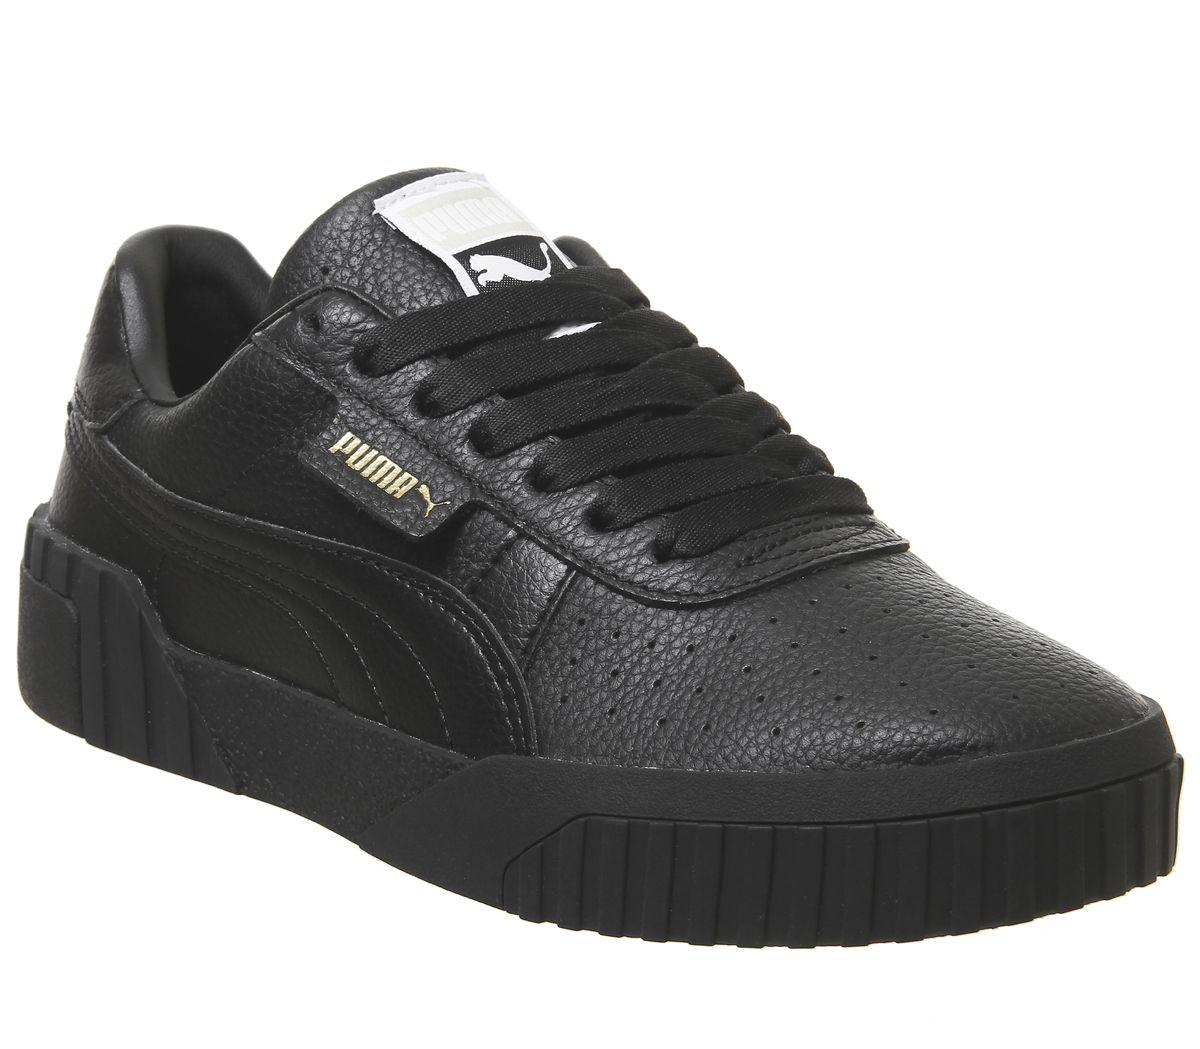 exklusive Schuhe noch eine Chance groß auswahl Cali